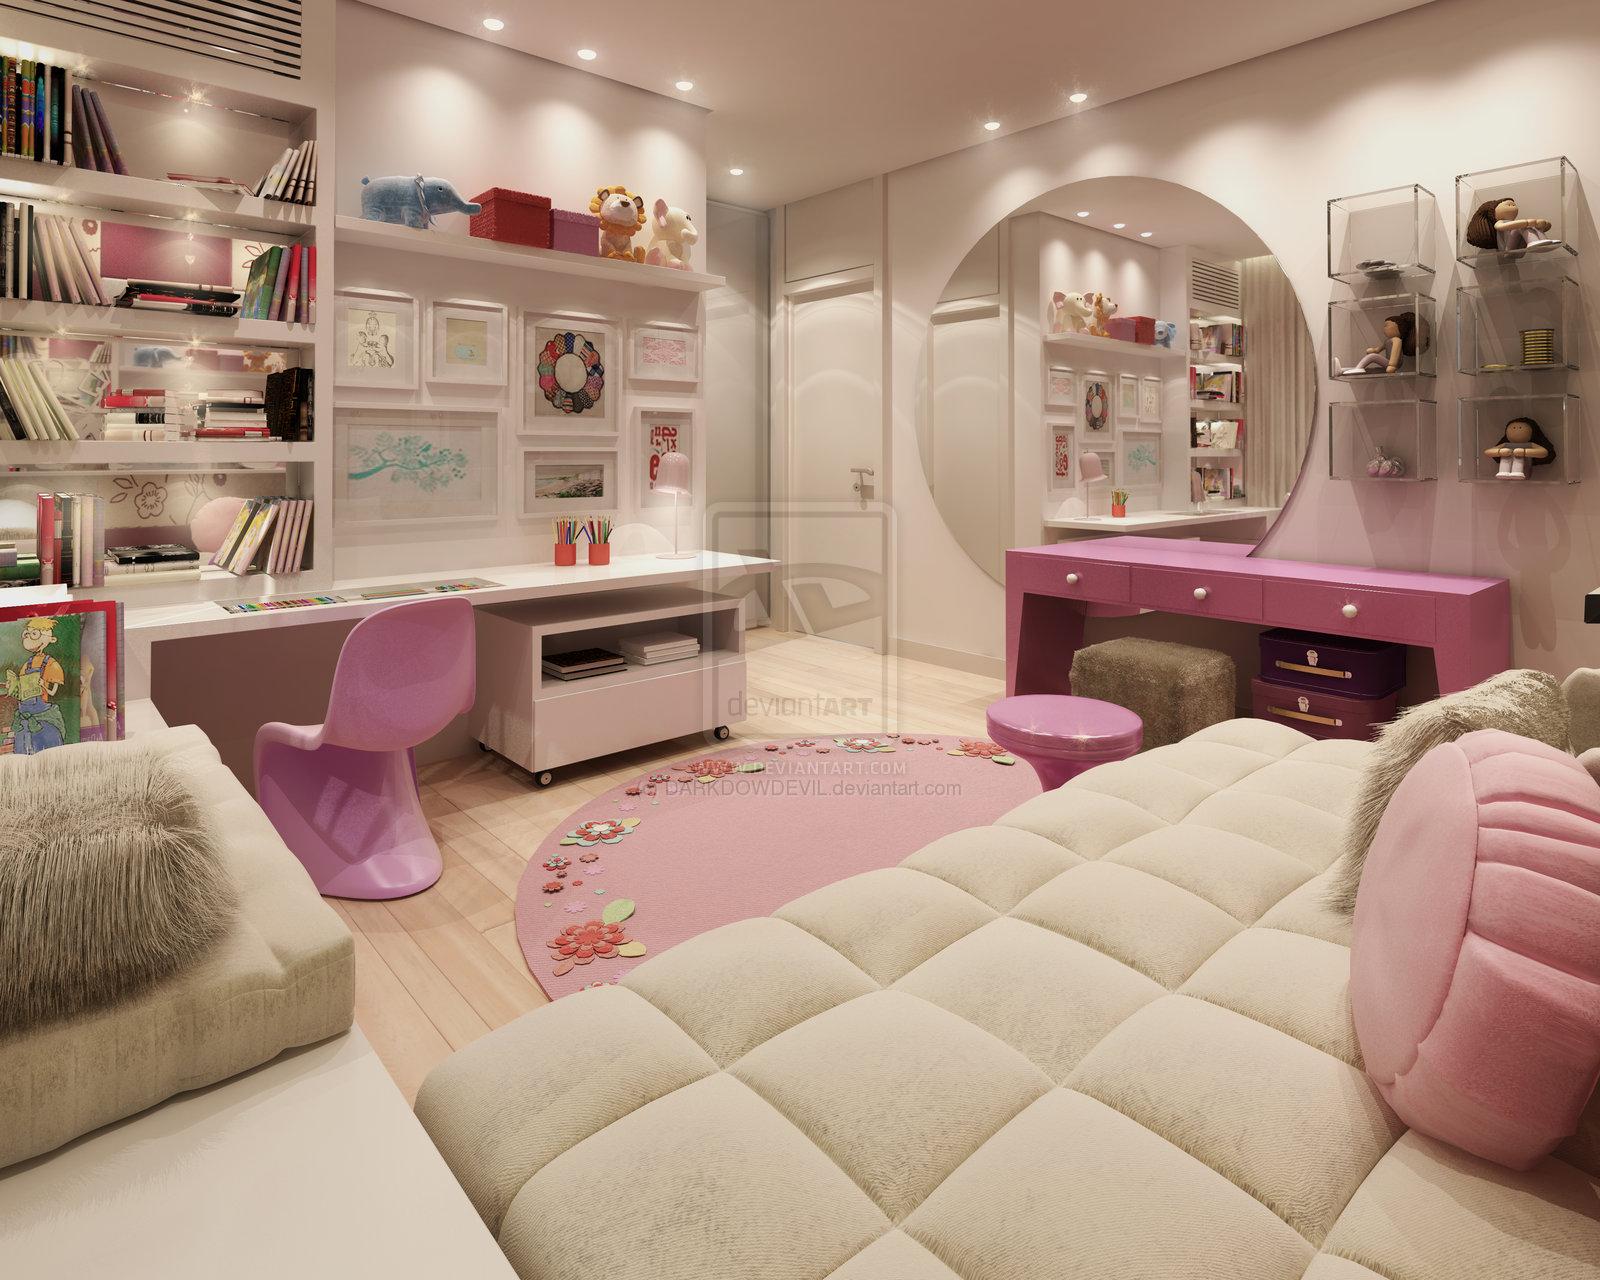 desain interior kamar tidur remaja sederhana | interior rumah